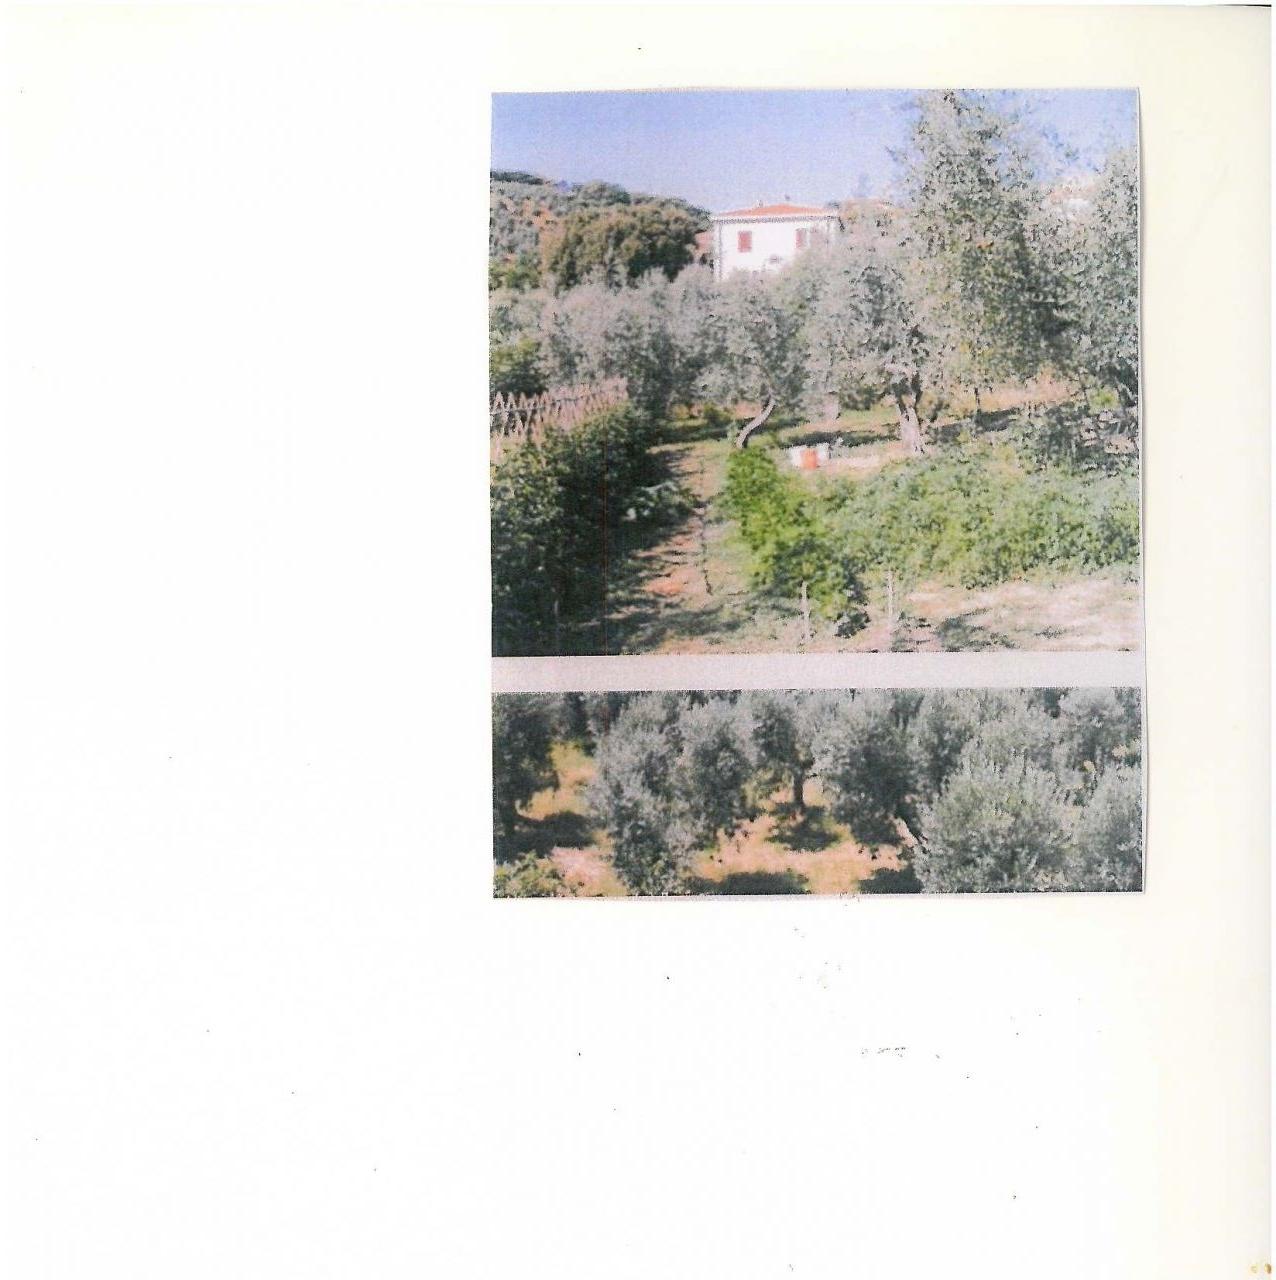 Appartamento in vendita a Santa Luce, 9999 locali, Trattative riservate | CambioCasa.it